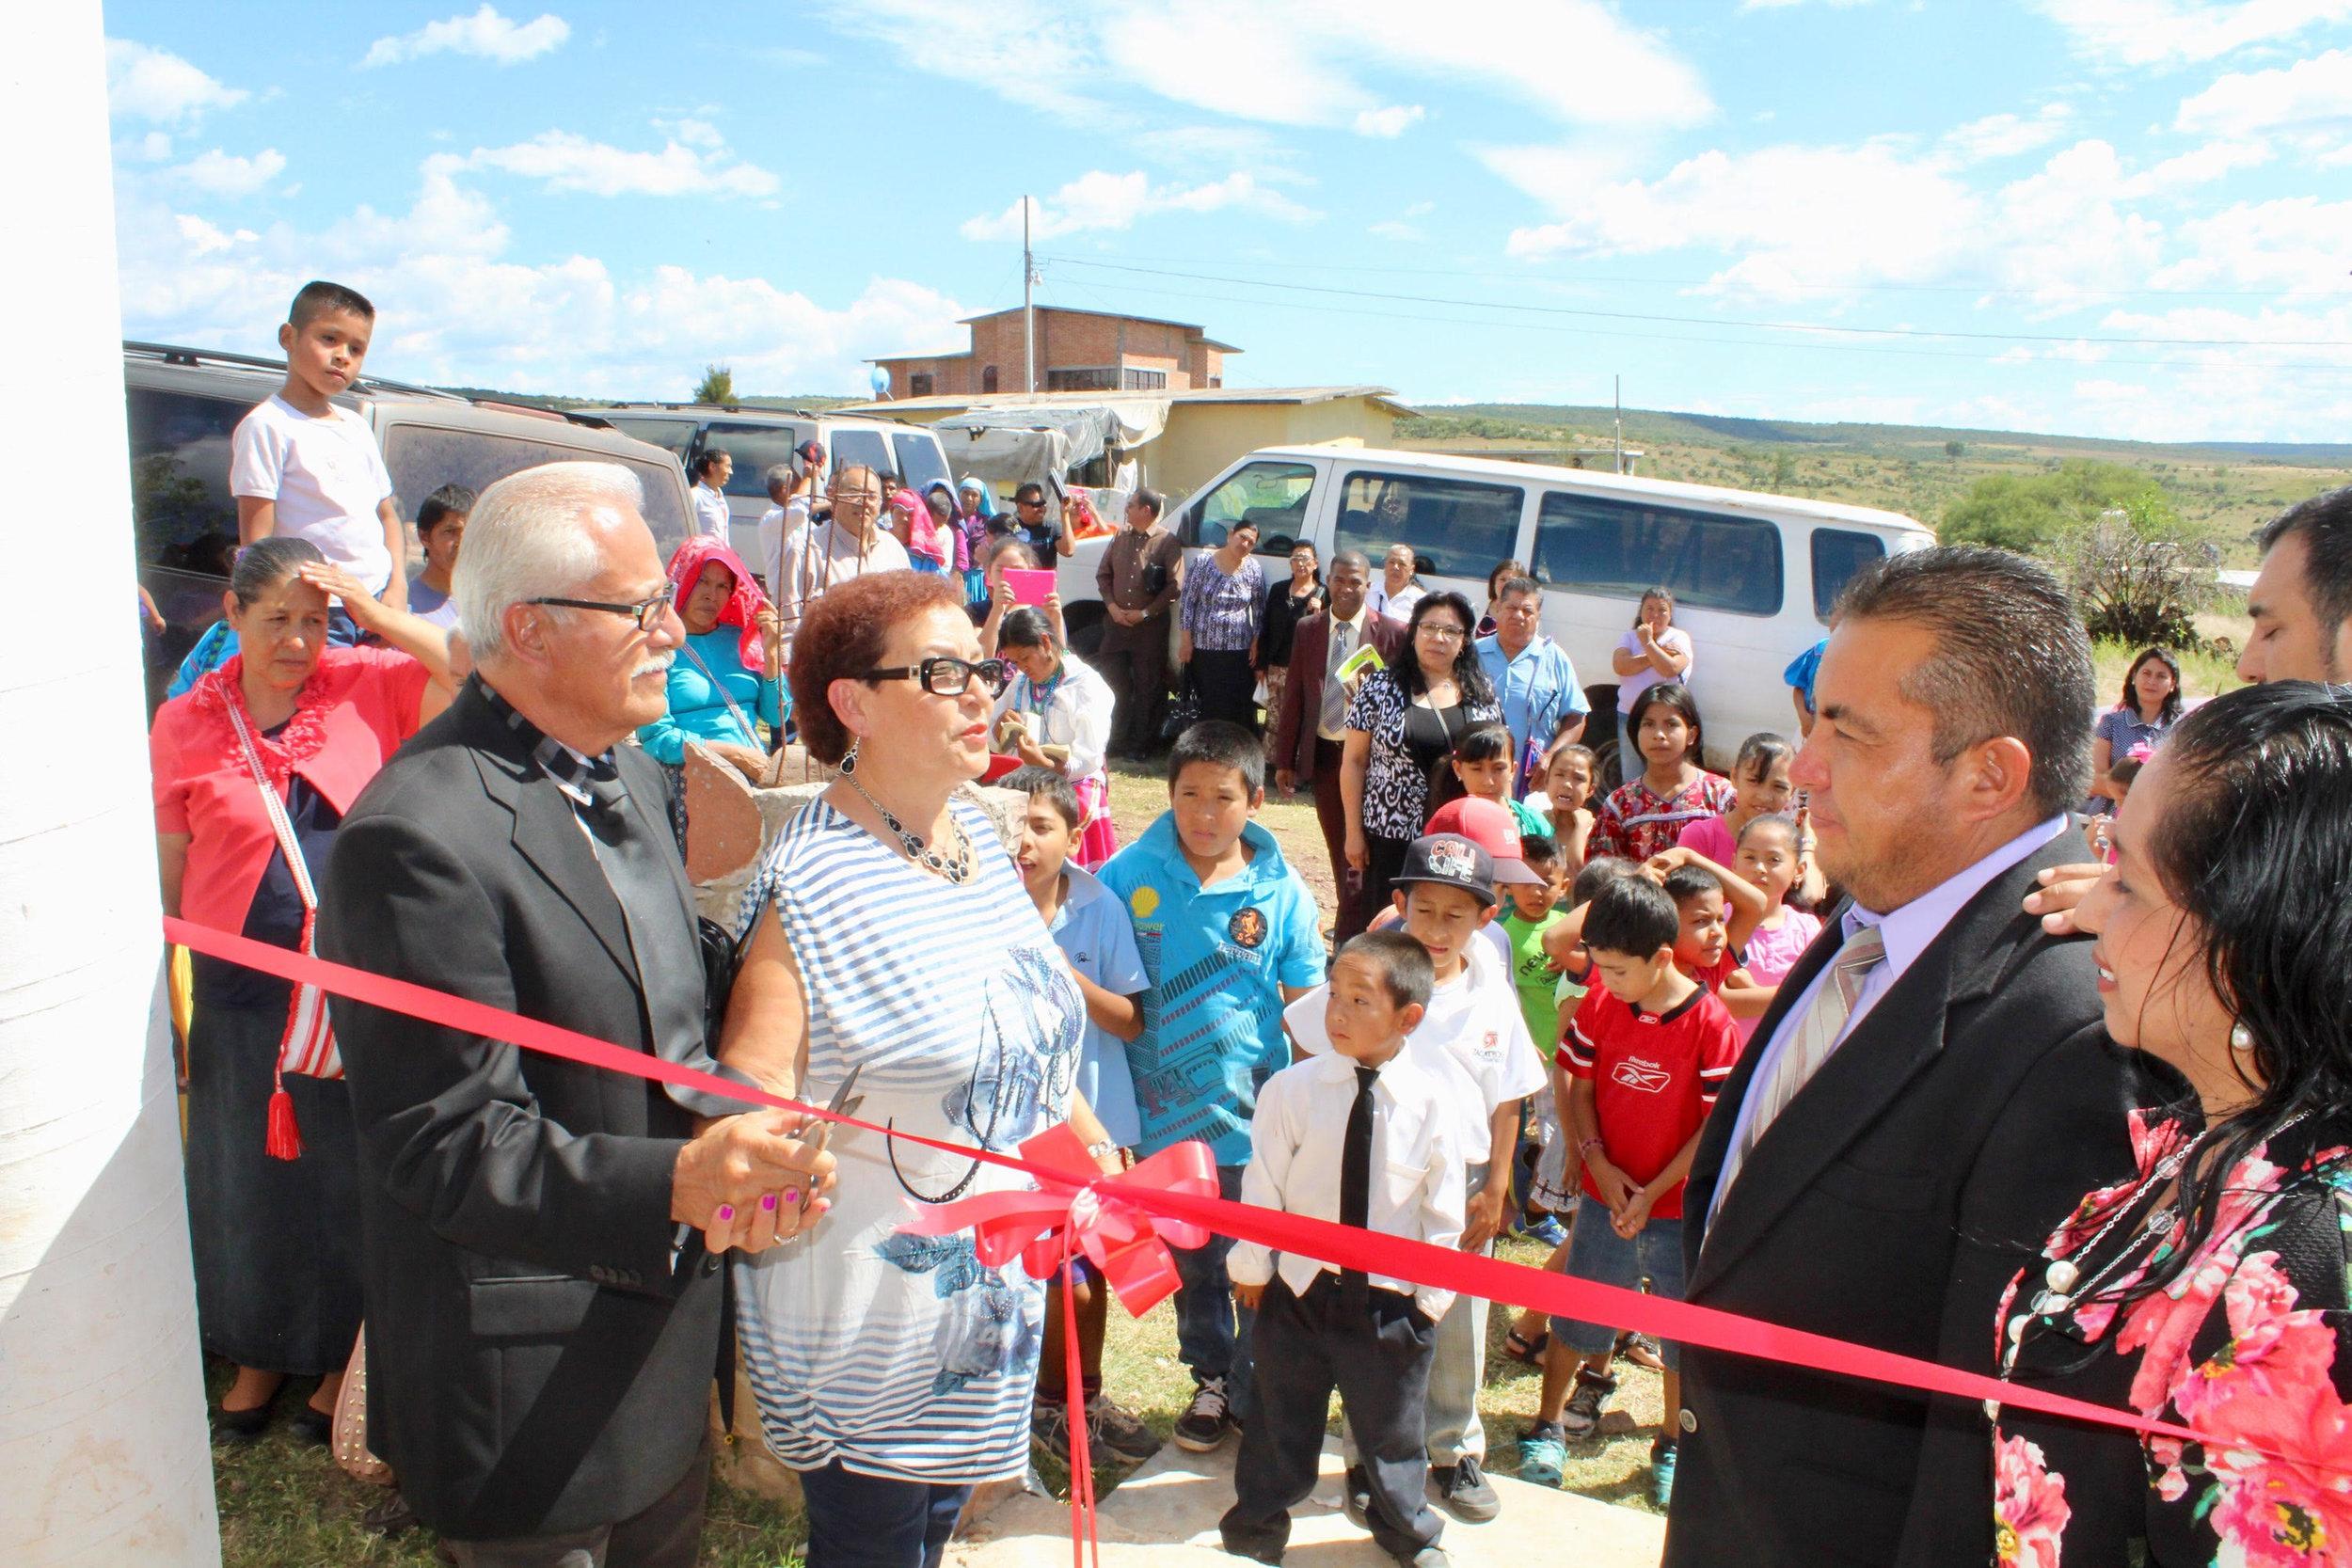 La Inauguración - Los Pastores Alfredo y Aurora Hernández cortando el cordón para la apertura de la iglesia.